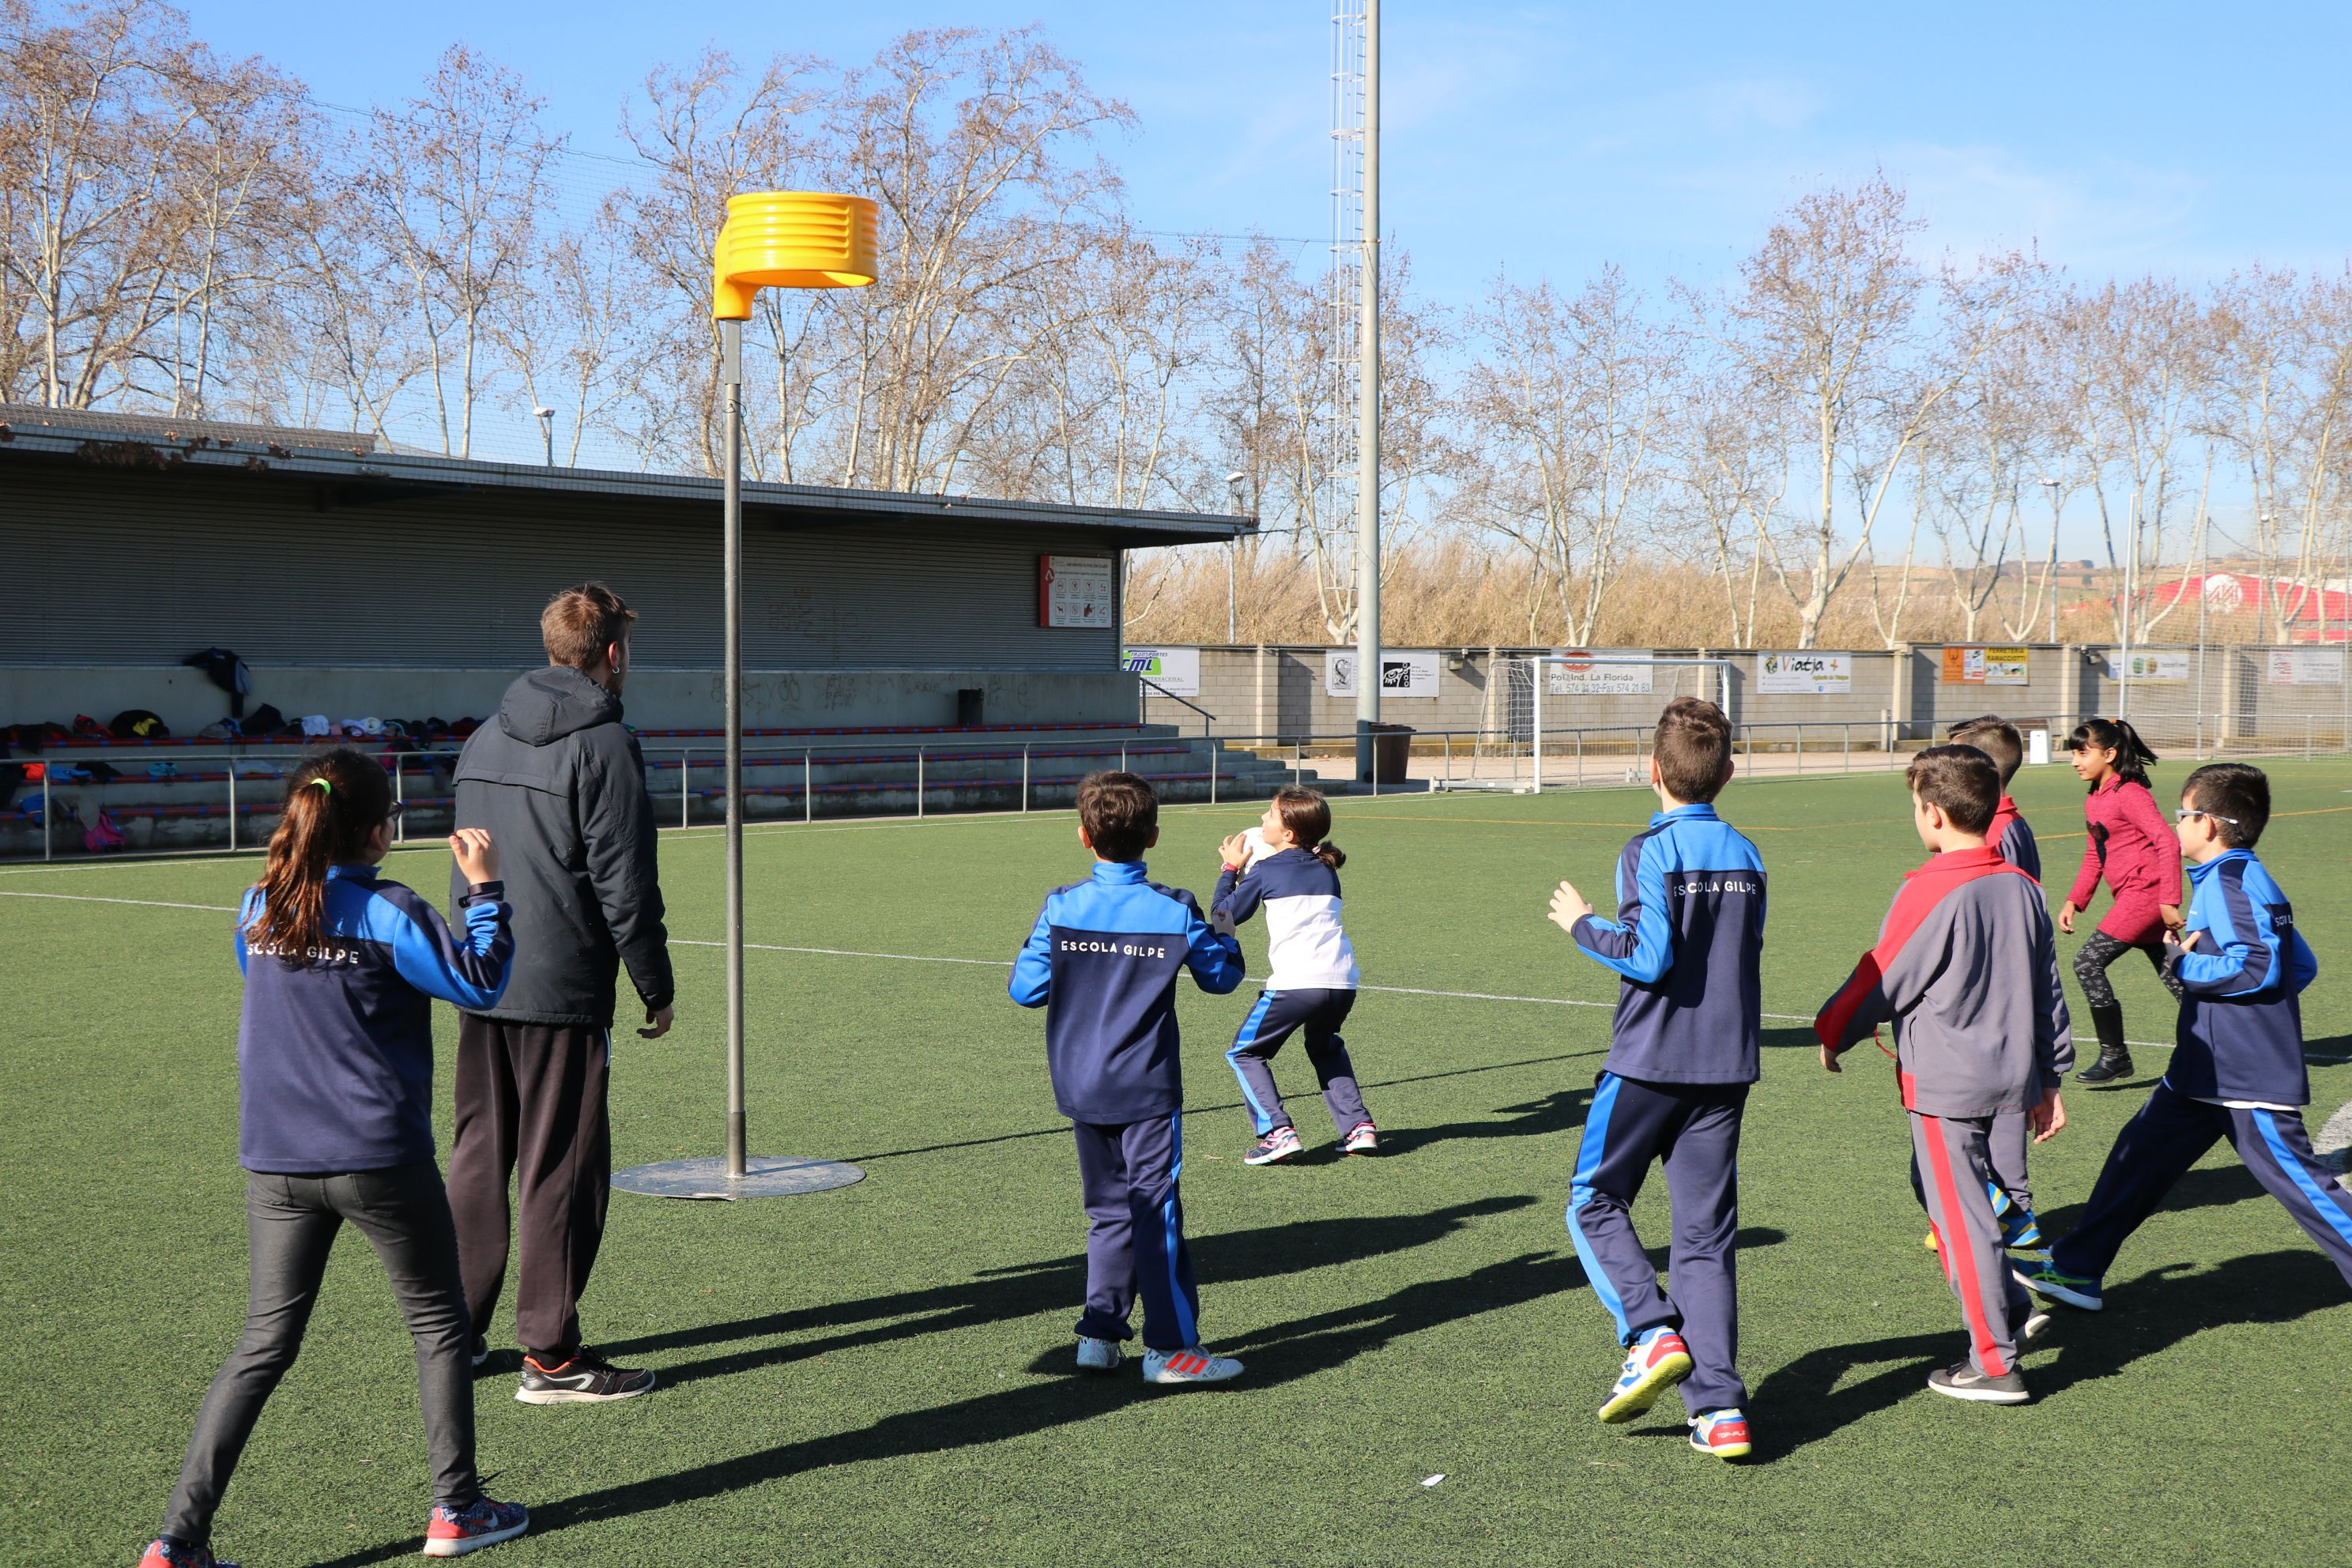 L'Ajuntament ha organitzat aquest matí una jornada multiesportiva escolar